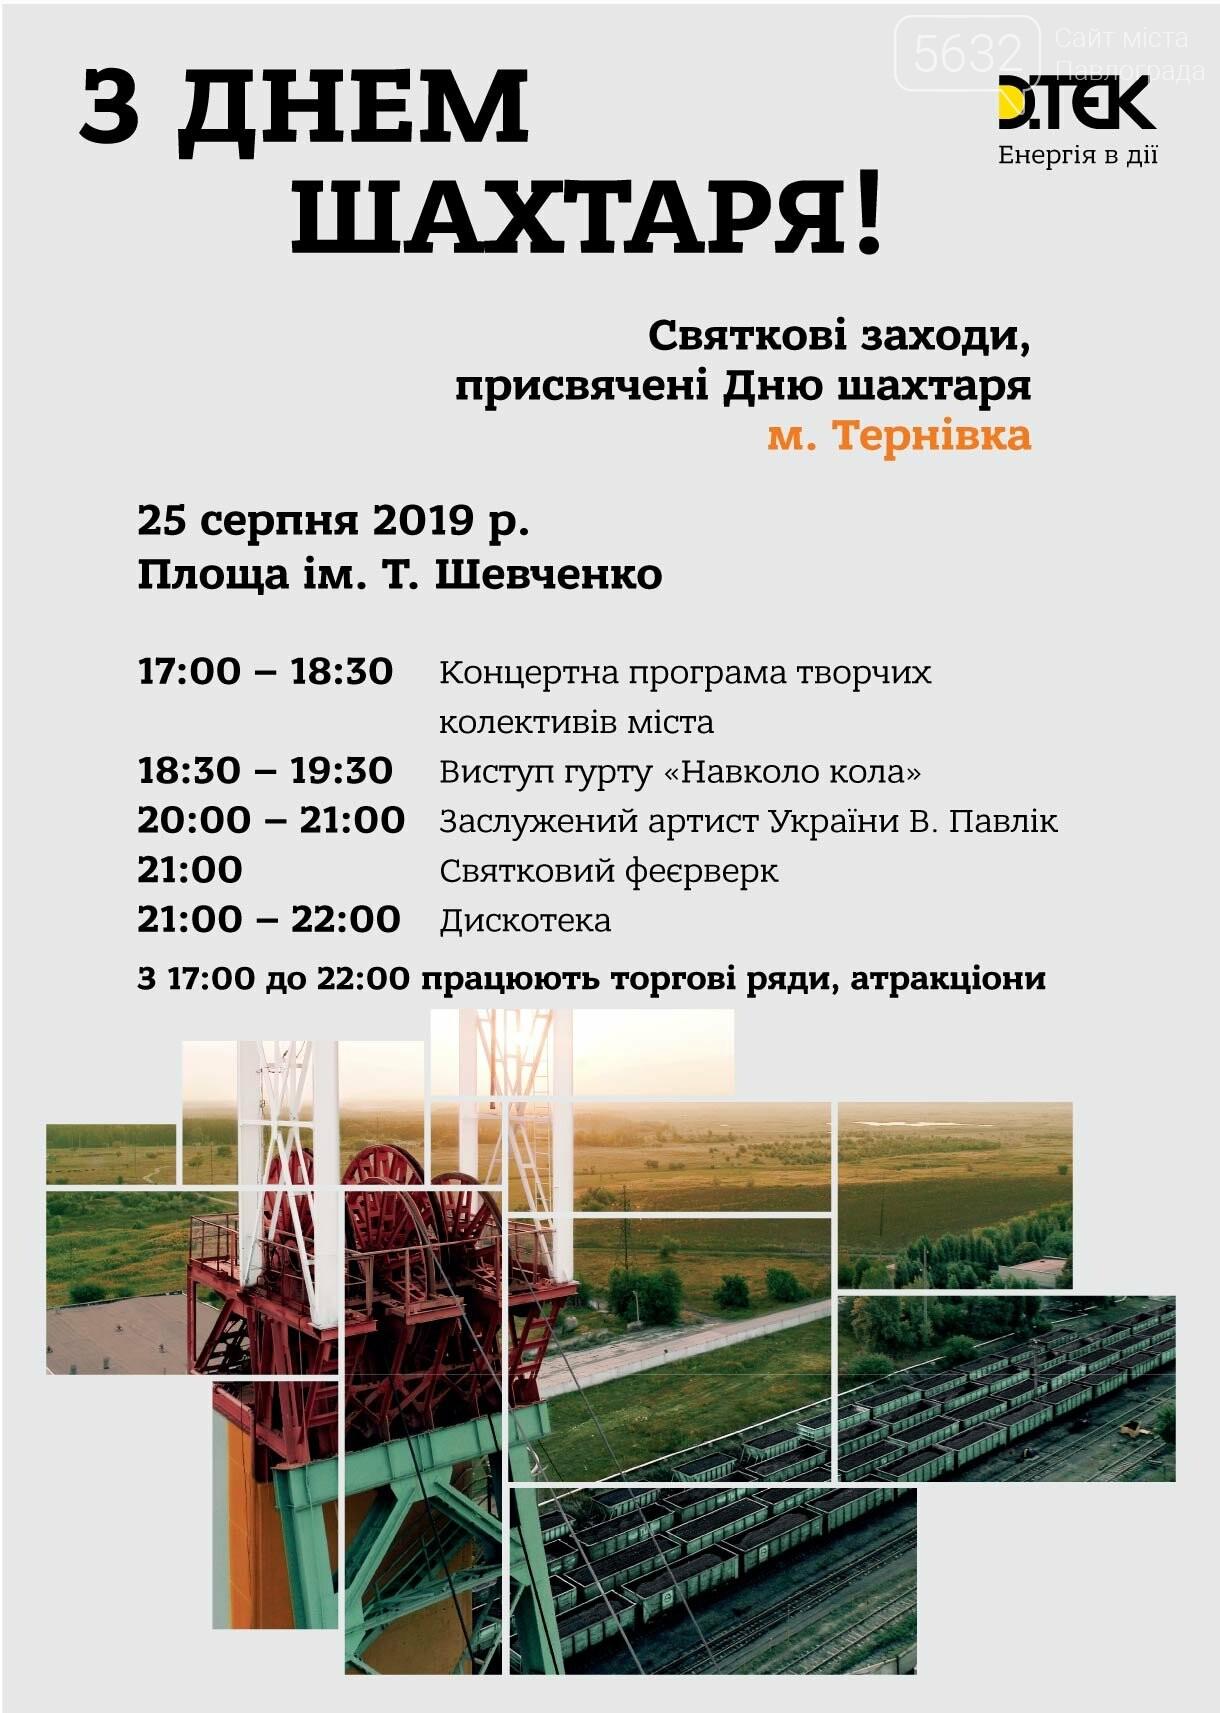 Стало известно, как отметят День шахтёра в Западном Донбассе, фото-2